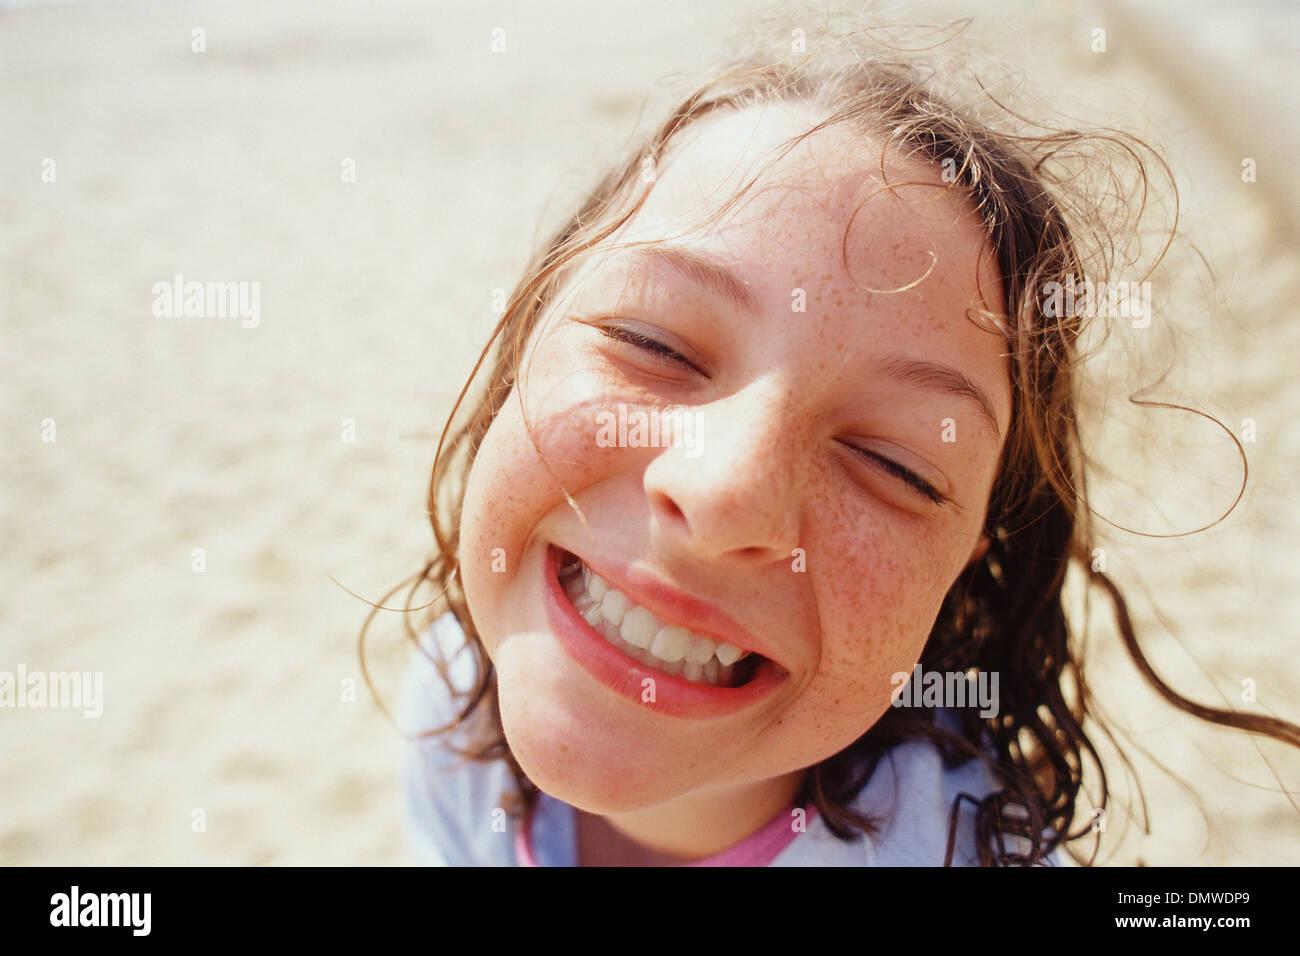 Ein junges Mädchen mit einem breiten Grinsen Augen halb geschlossen und nassem Haar draußen im Regen. Stockbild